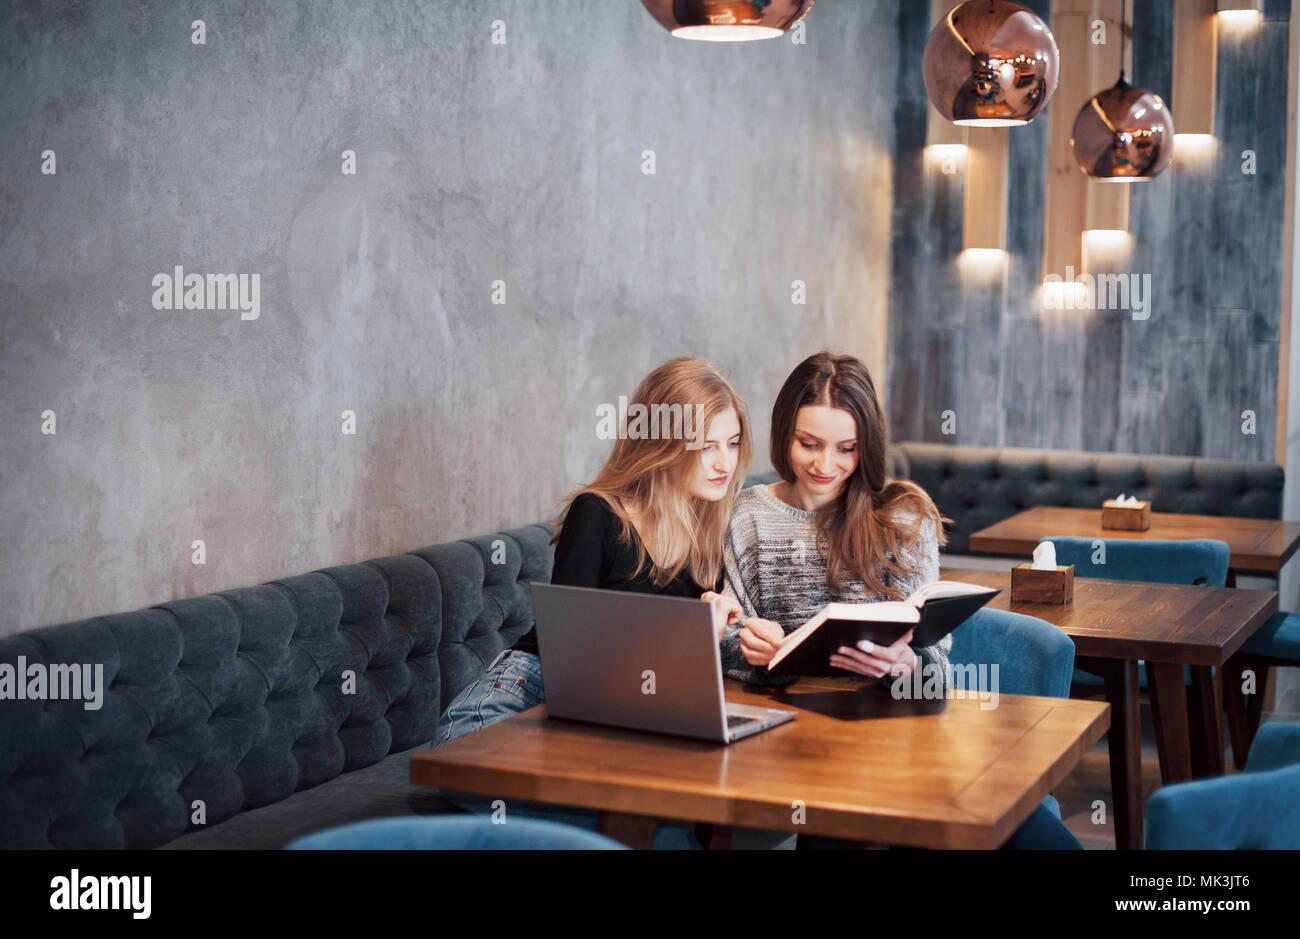 One-to-one di riunione.Due giovani donne business seduta a tavola in cafe.ragazza mostra il collega informazioni sullo schermo del computer portatile.Incontro con gli amici, la cena insieme.Il lavoro di squadra, business meeting. Lavoro freelance Immagini Stock